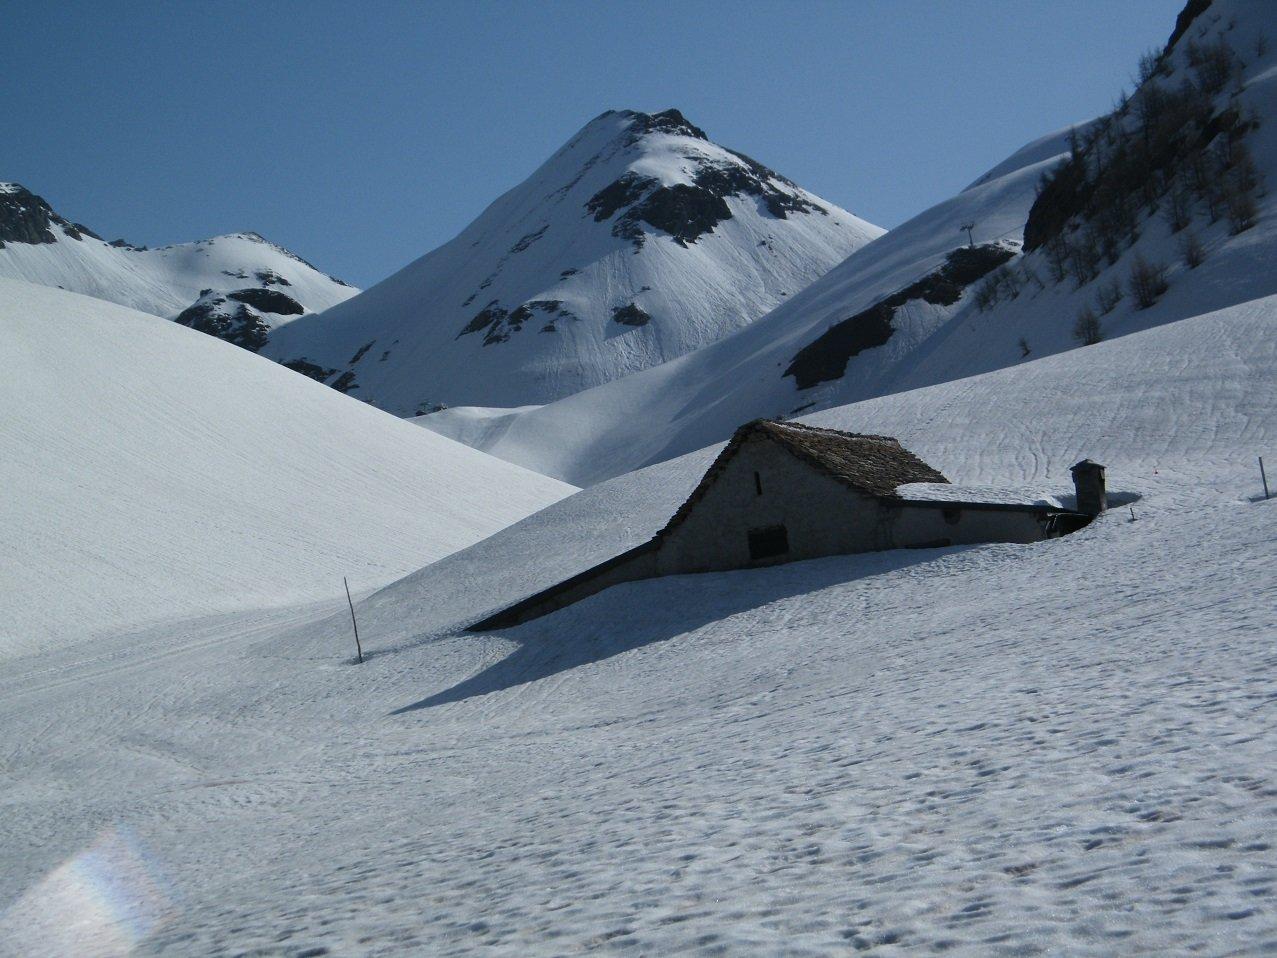 Nei pressi dell'Alpe Ciamporino. Al centro il Pizzo della Sella.